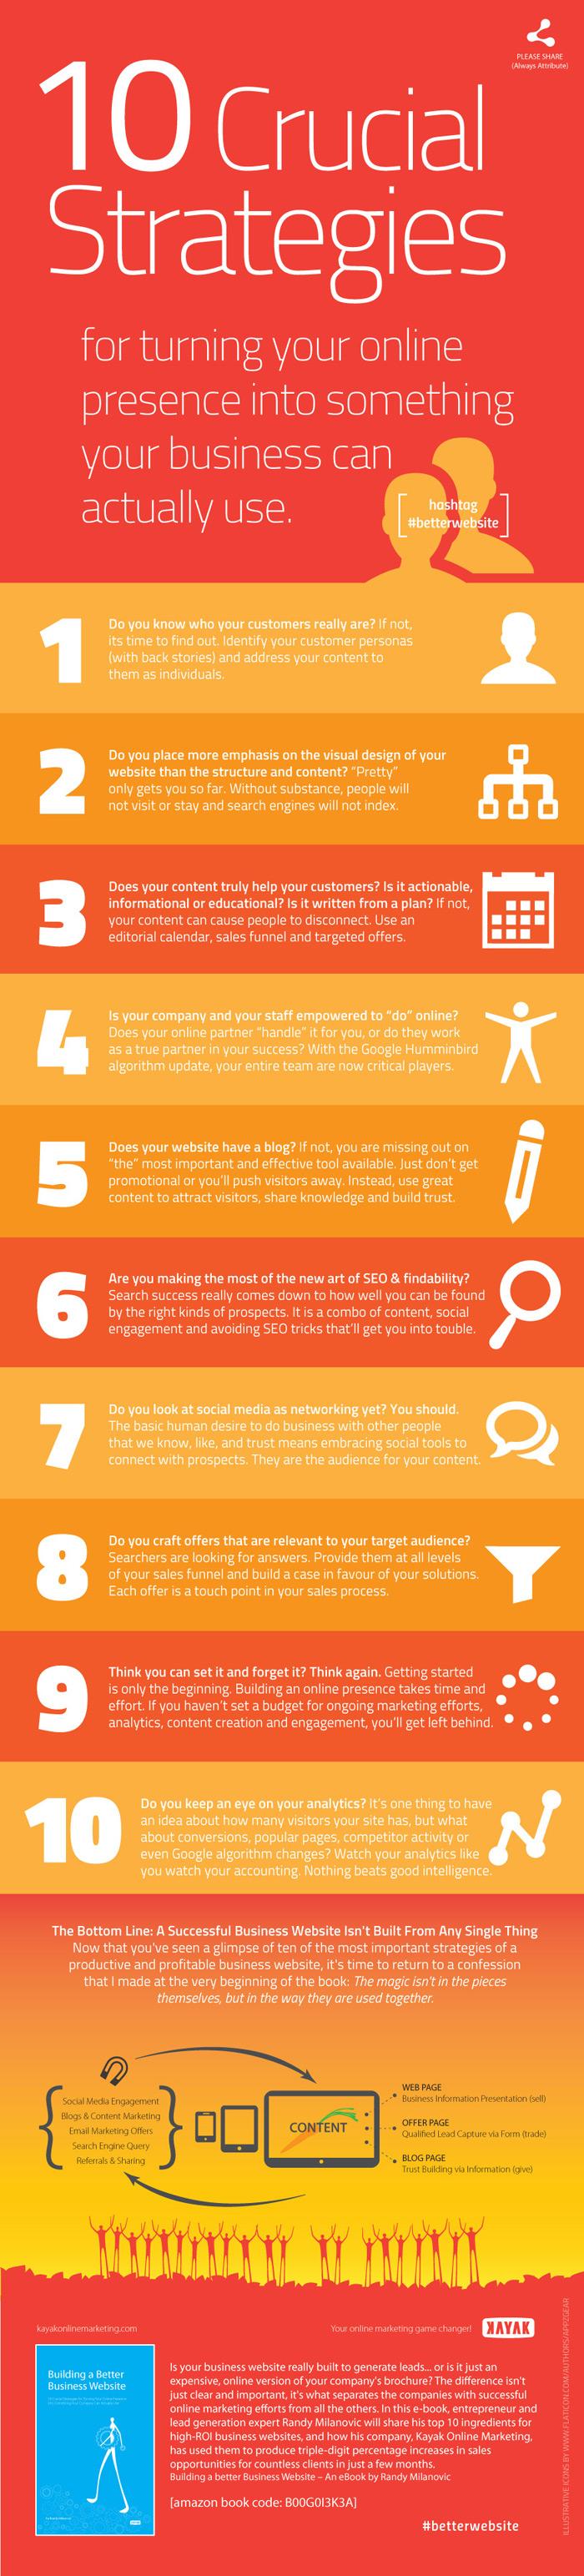 10 estrategias cruciales para una buena web de empresa